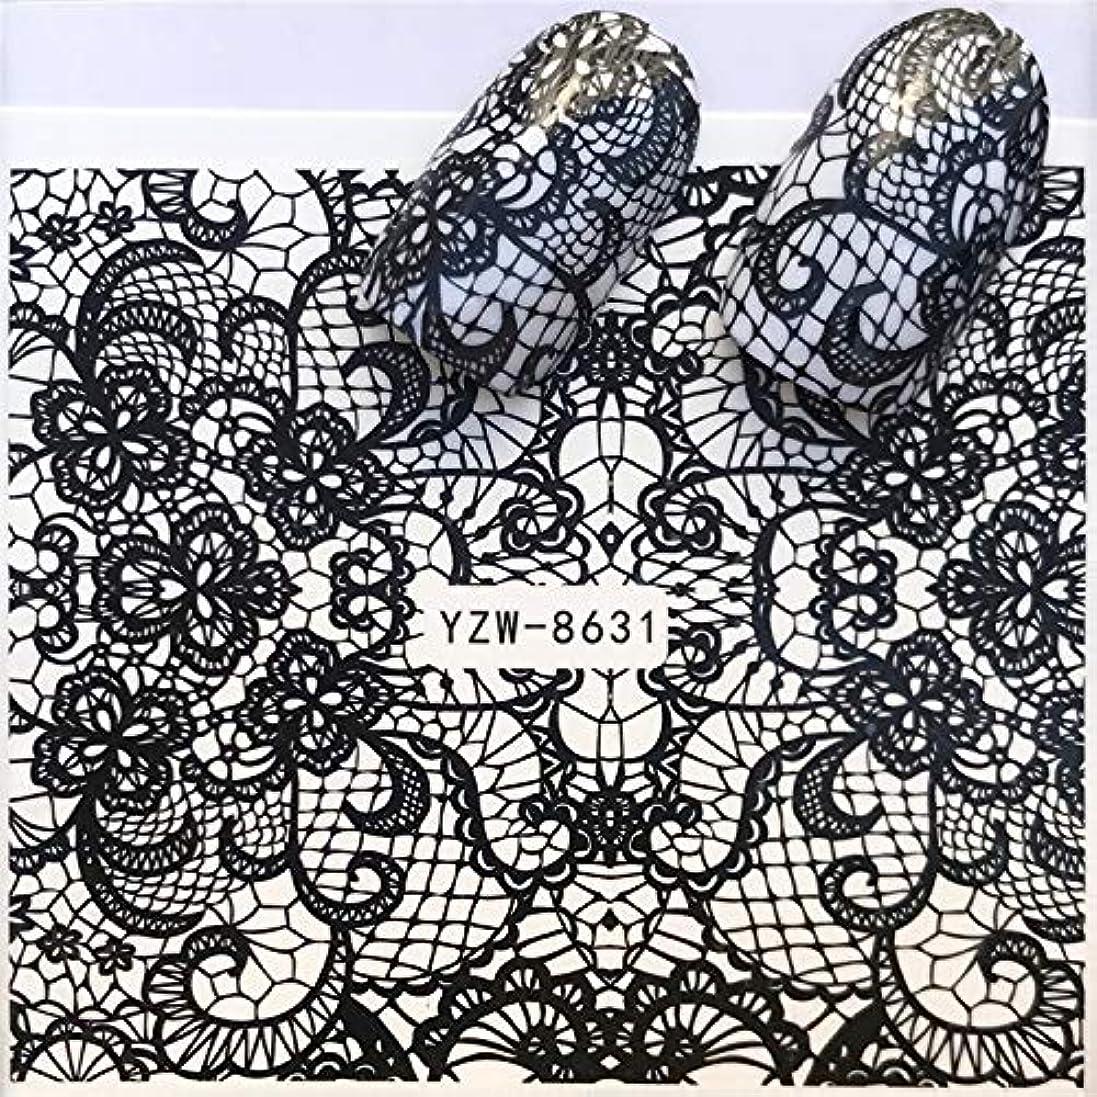 手足ビューティーケア 3個ネイルステッカーセットデカール水転写スライダーネイルアートデコレーション、色:YZWA036